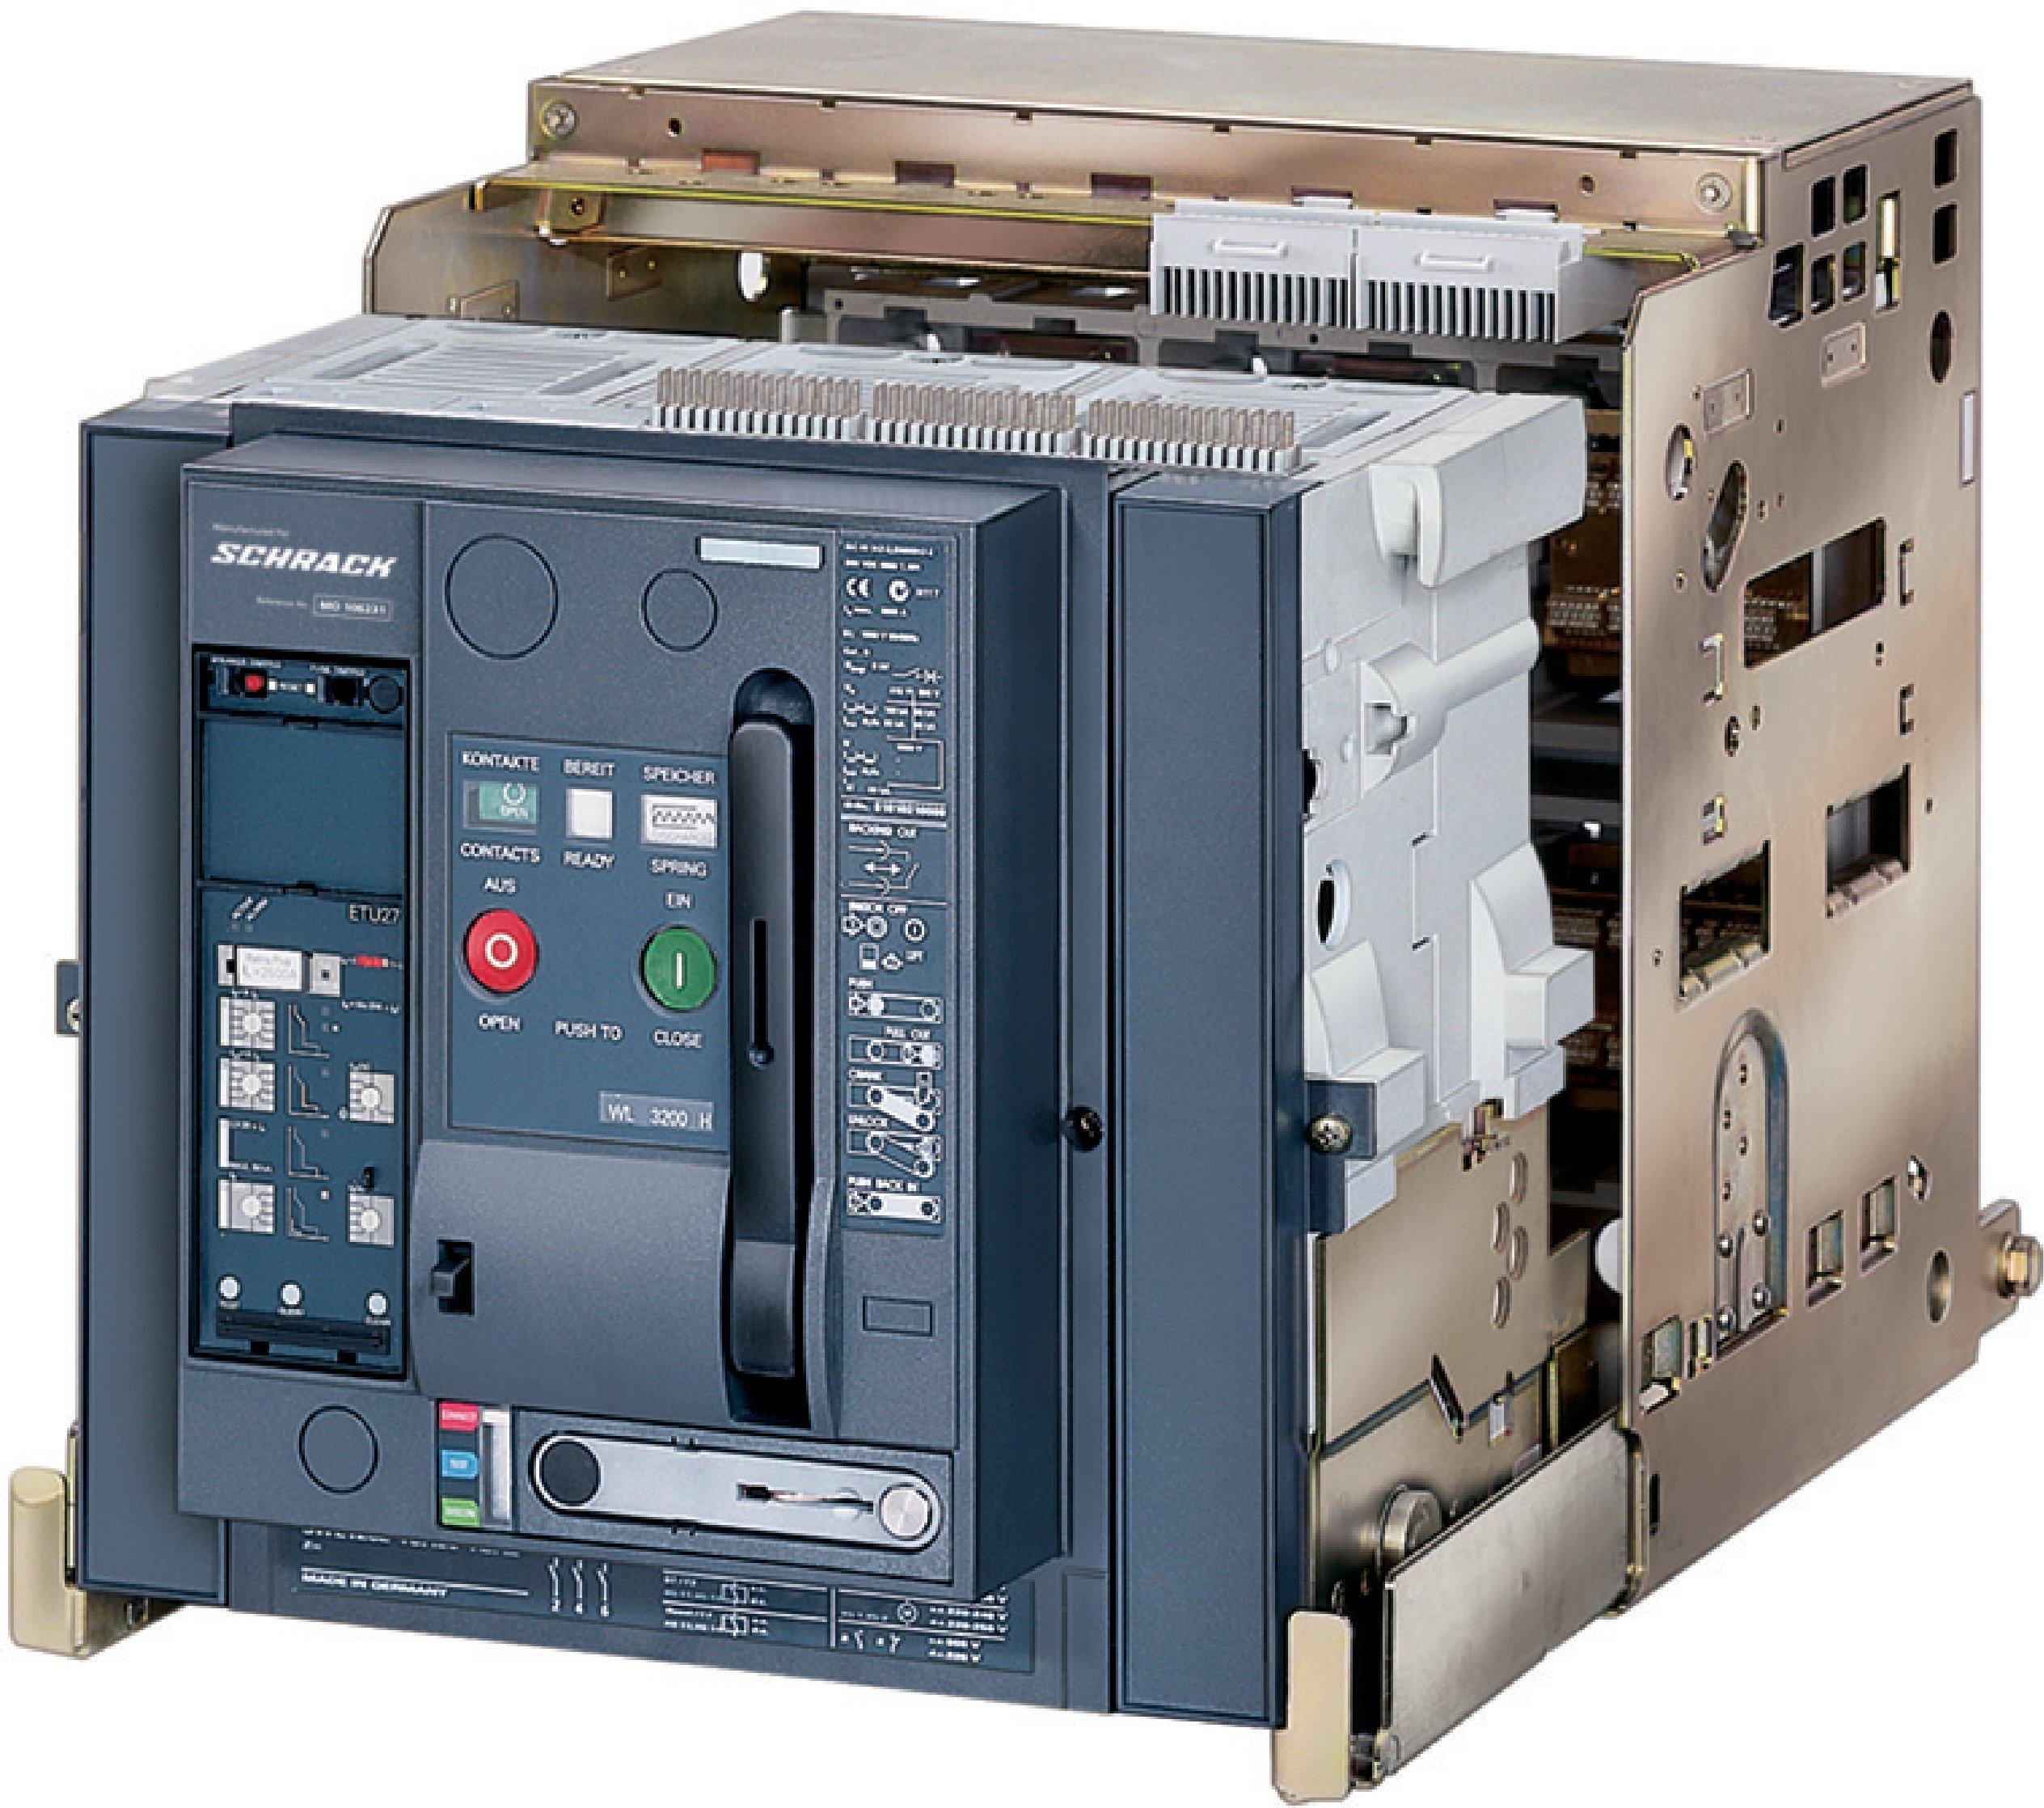 1 Stk Leistungsschalter, MO1, 3-polig, 1600A, 55kA, ausfahrbar, RH MO116236--